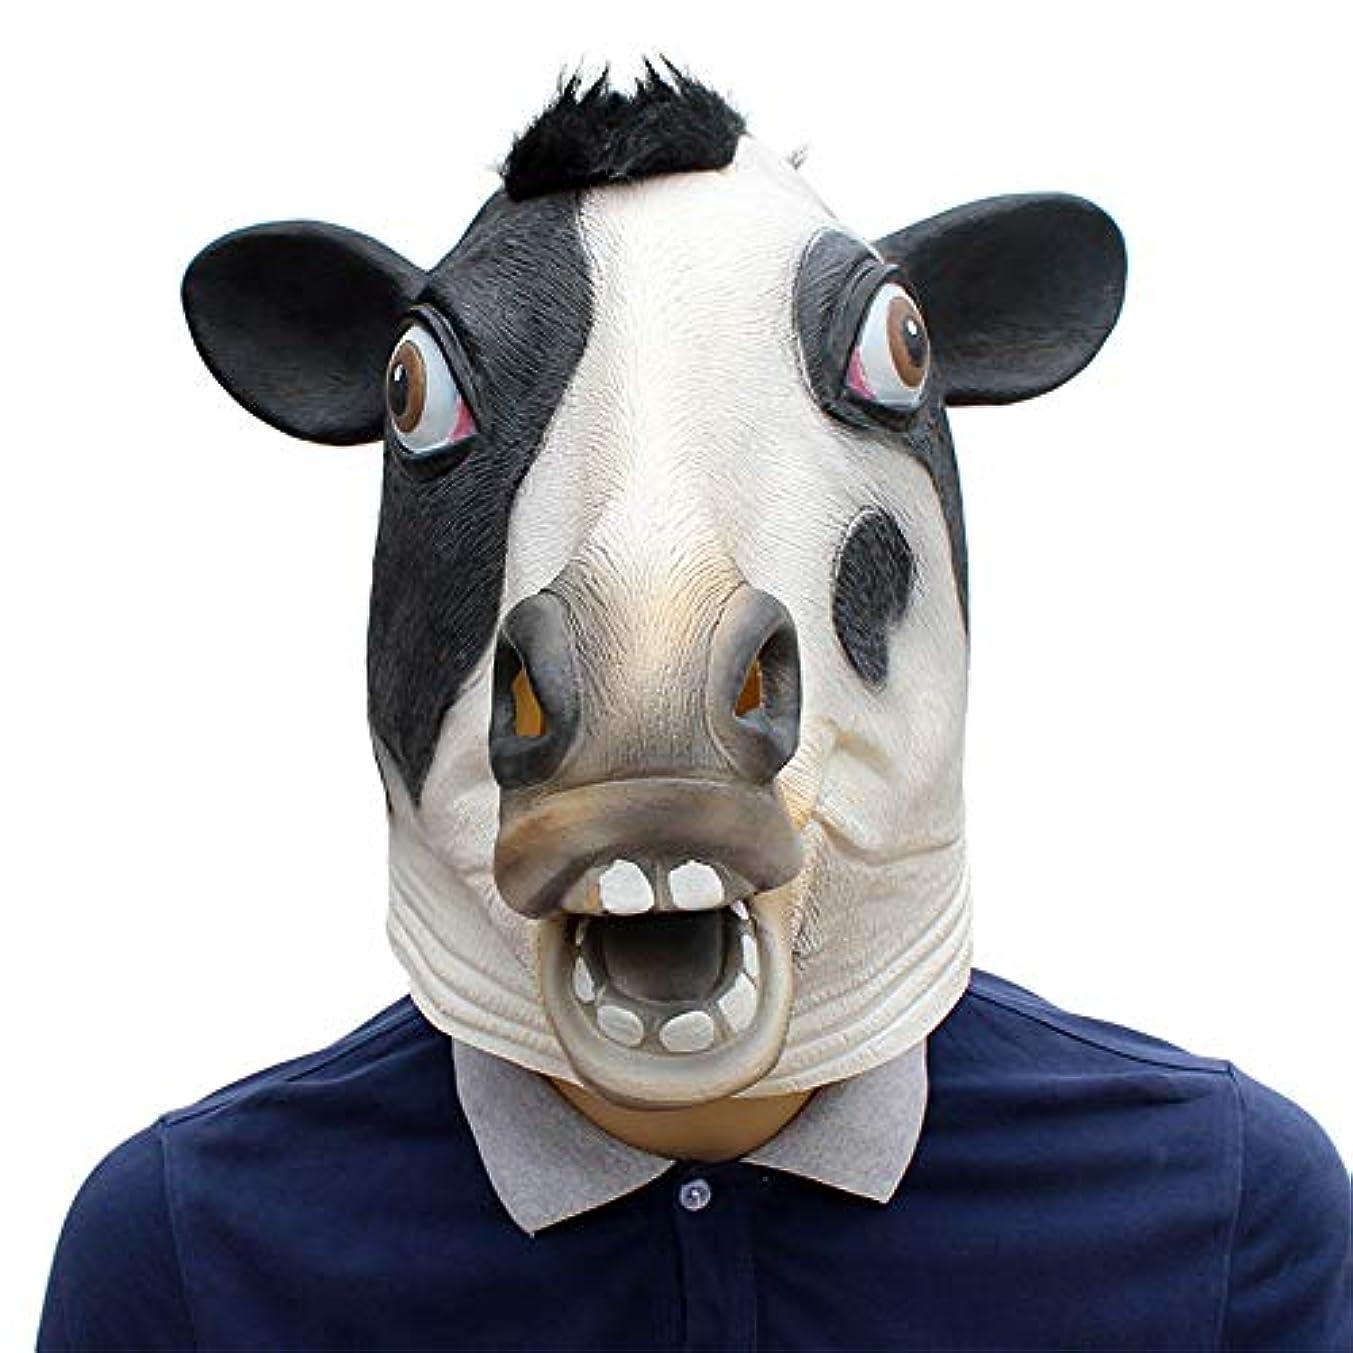 資産ハンディキャップバンクヘッドギアハロウィンフェスティバルパーティー用品動物牛マスクヘッドギアラテックスマスクプロムの小道具に適したバーレスクパーティーギャングバー